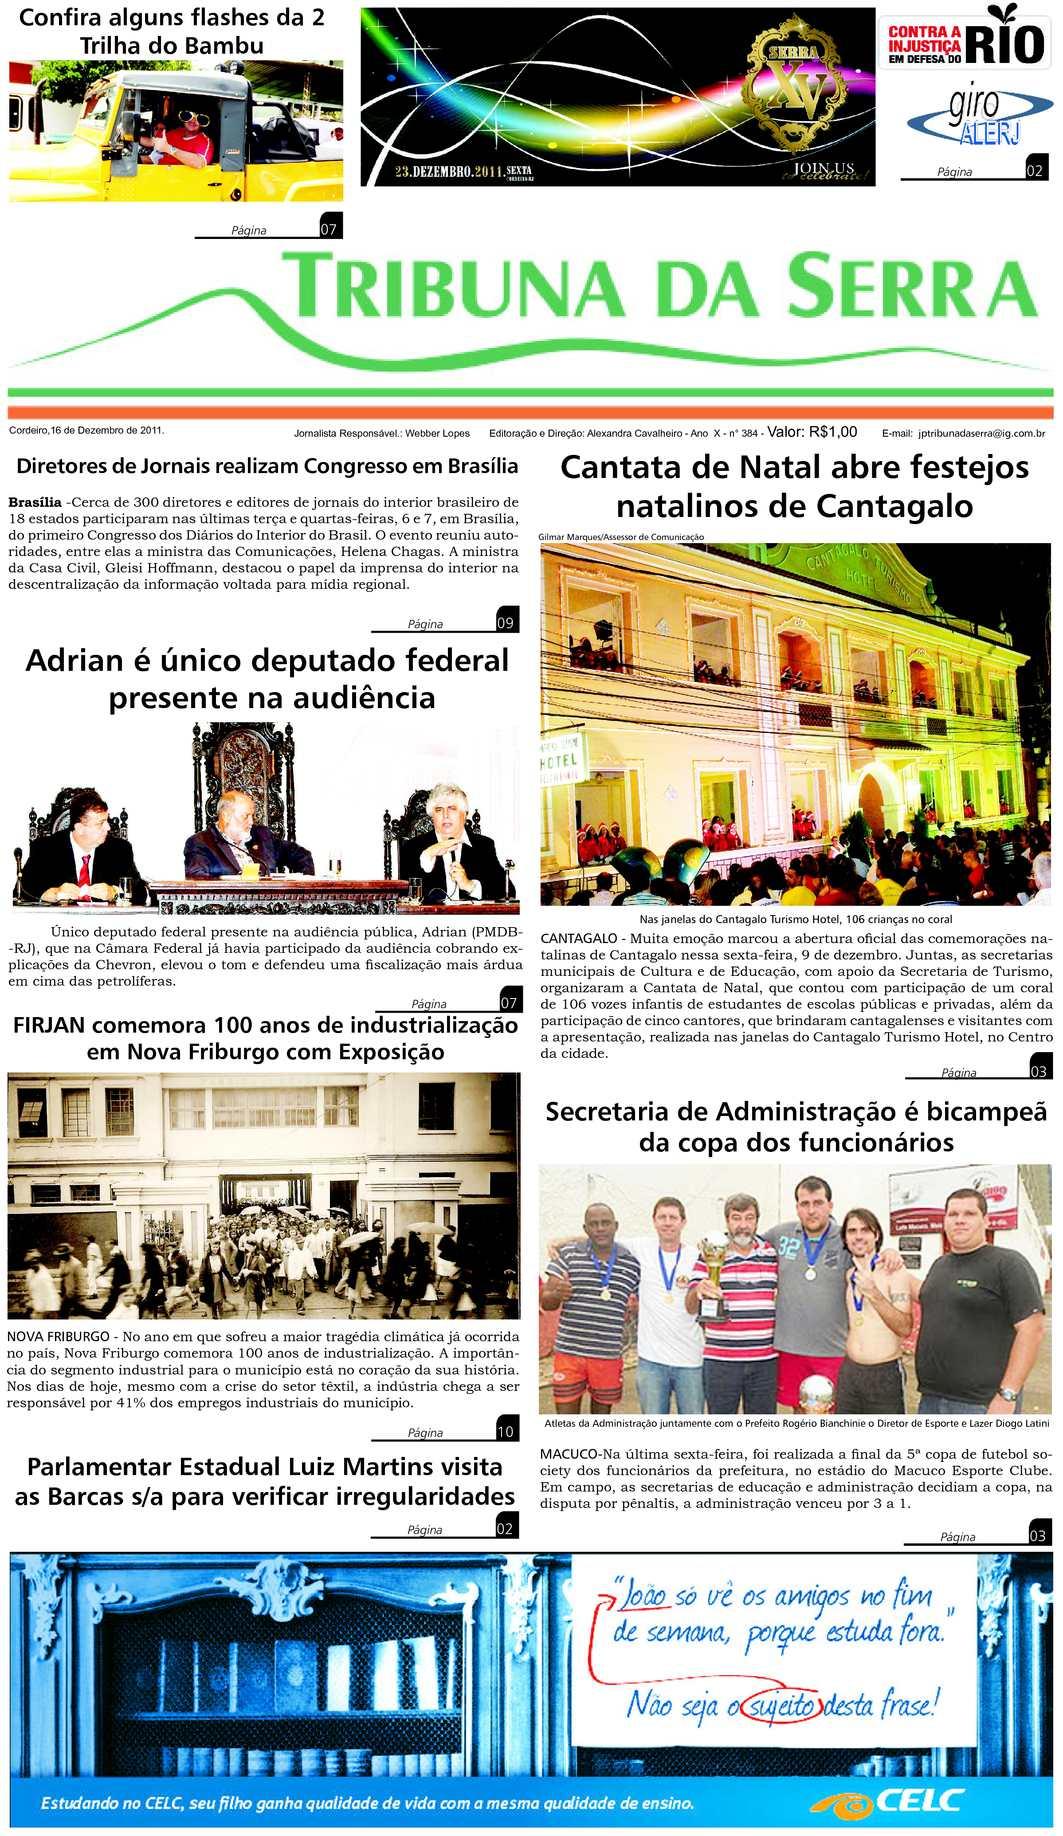 Calaméo - Jornal Tribuna da Serra - Edição nº384 - Cordeiro-RJ bcdae82676